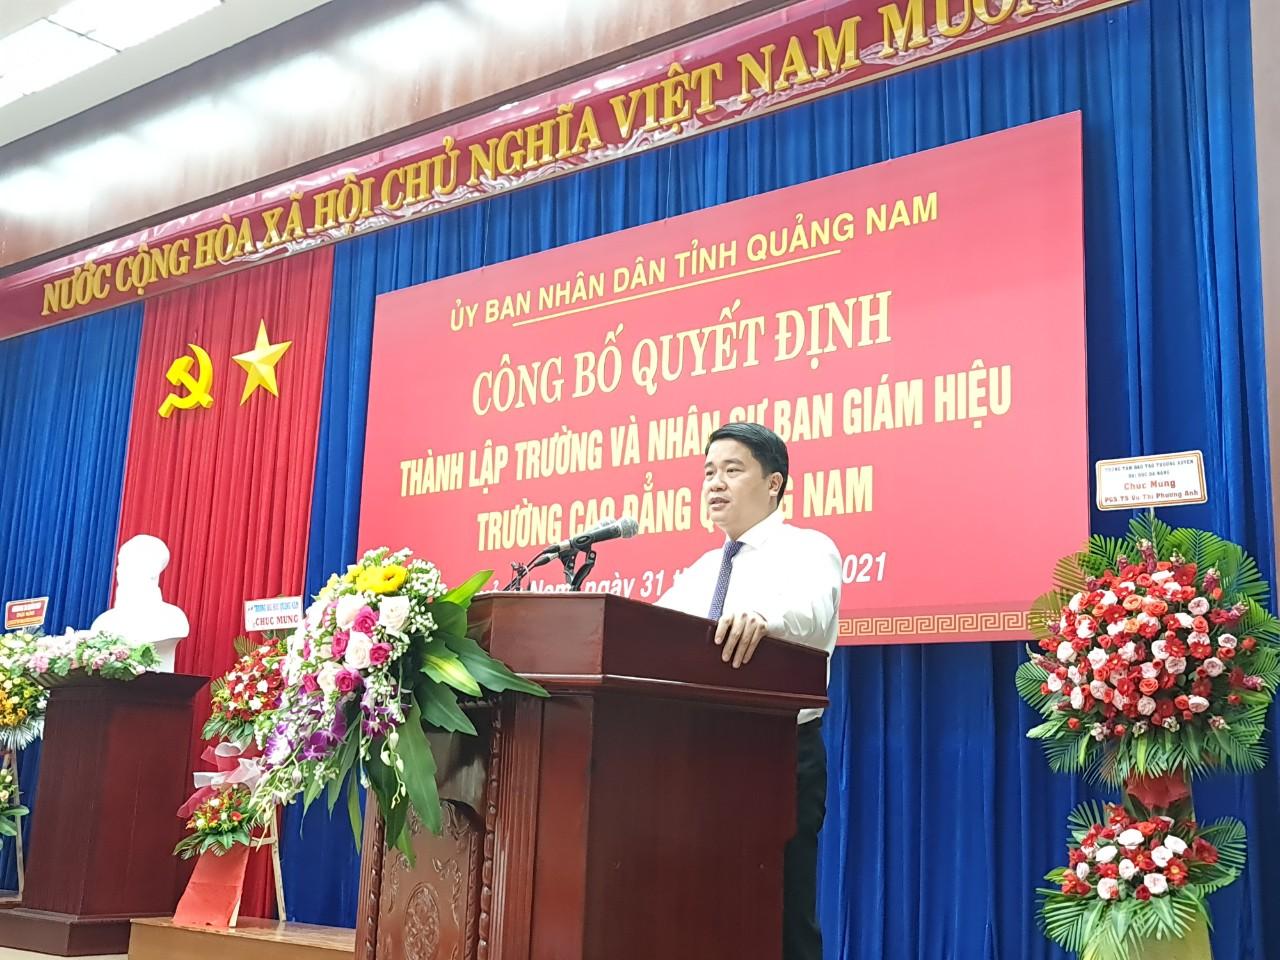 Chính thức thành lập Trường Cao đẳng Quảng Nam - Ảnh 5.